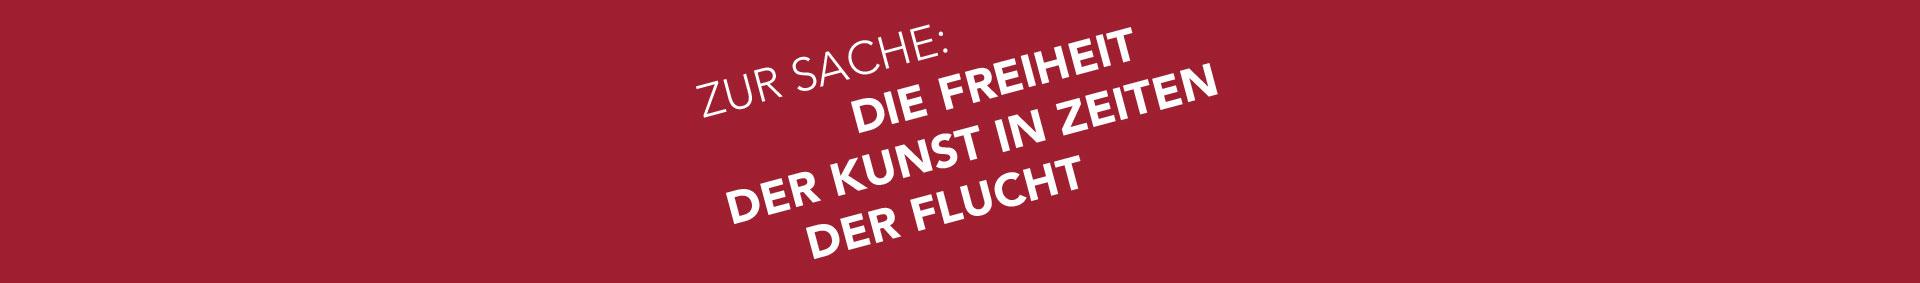 1691xx-Stiftung-K+K-Salzburg-Freiheit-der-Kunst-1